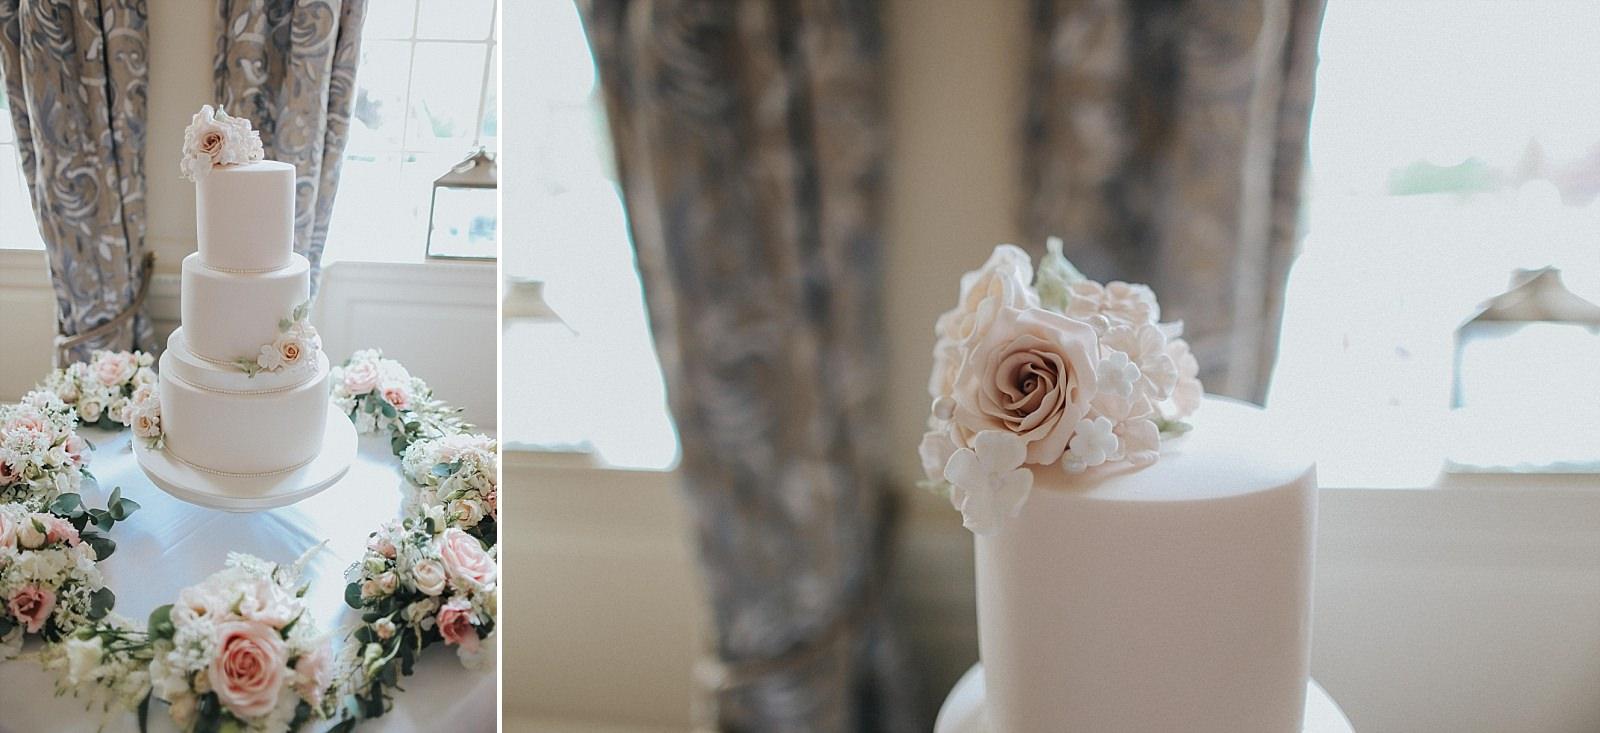 stunning pink frosting wedding cake